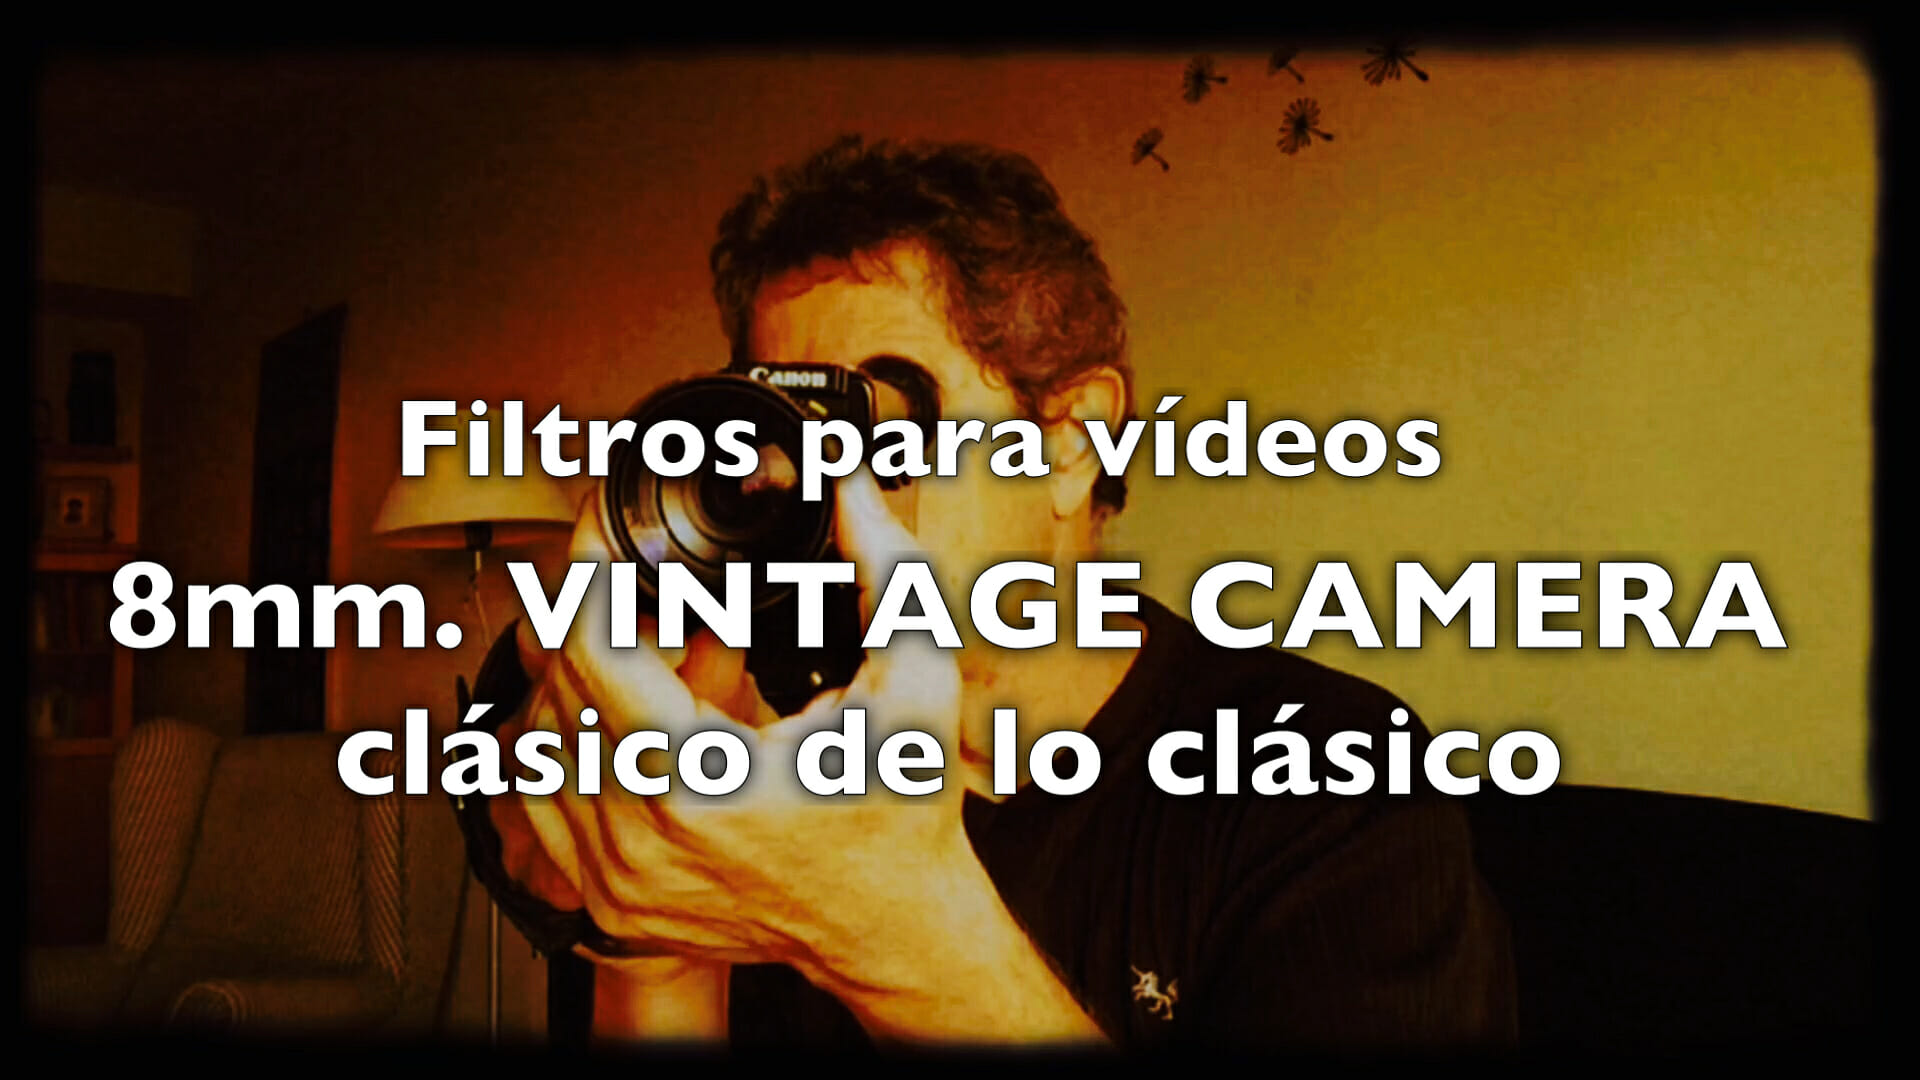 Filtros vintage para videos: 8mm Vintage Camera, clásico de lo clásico